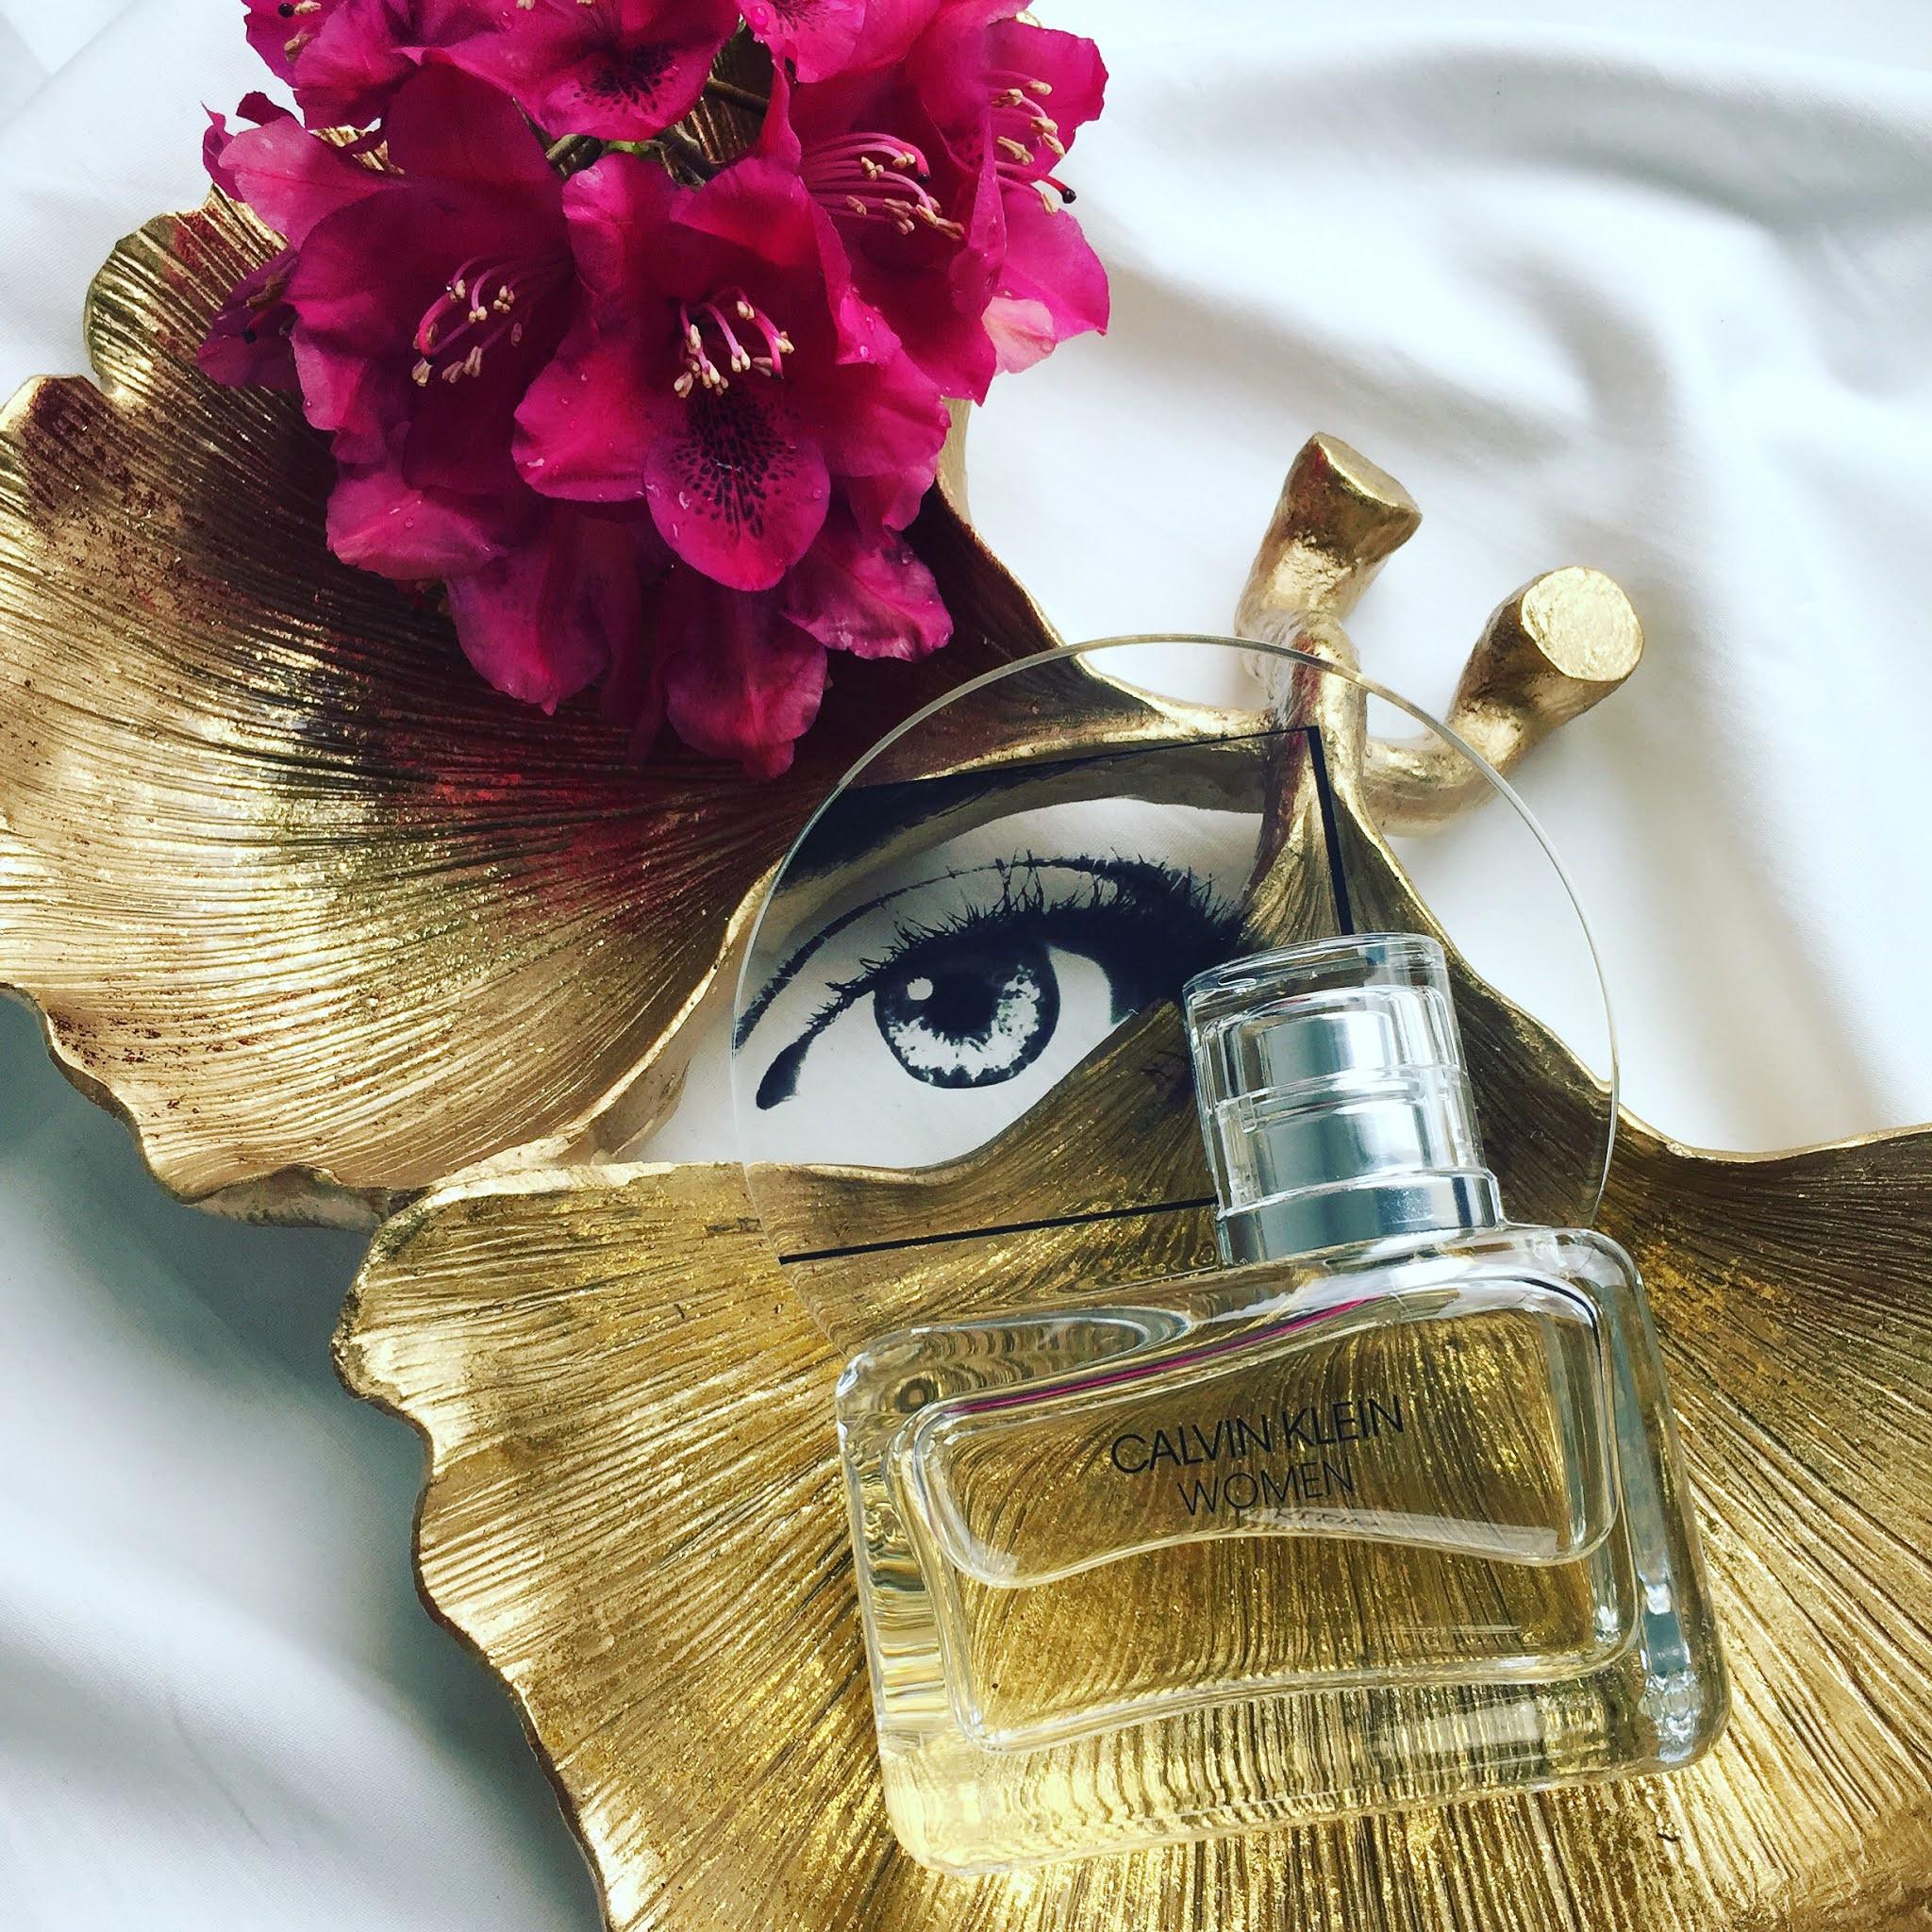 perfumy na lato;propozycje zapachów na lato;świeże perfumy;kwiatowy zapach;owocowy zapach;świeży zapach;letnie propozycje perfum;@adrianastyle_stylist;www.adriana-style.com;polecane perfumy,